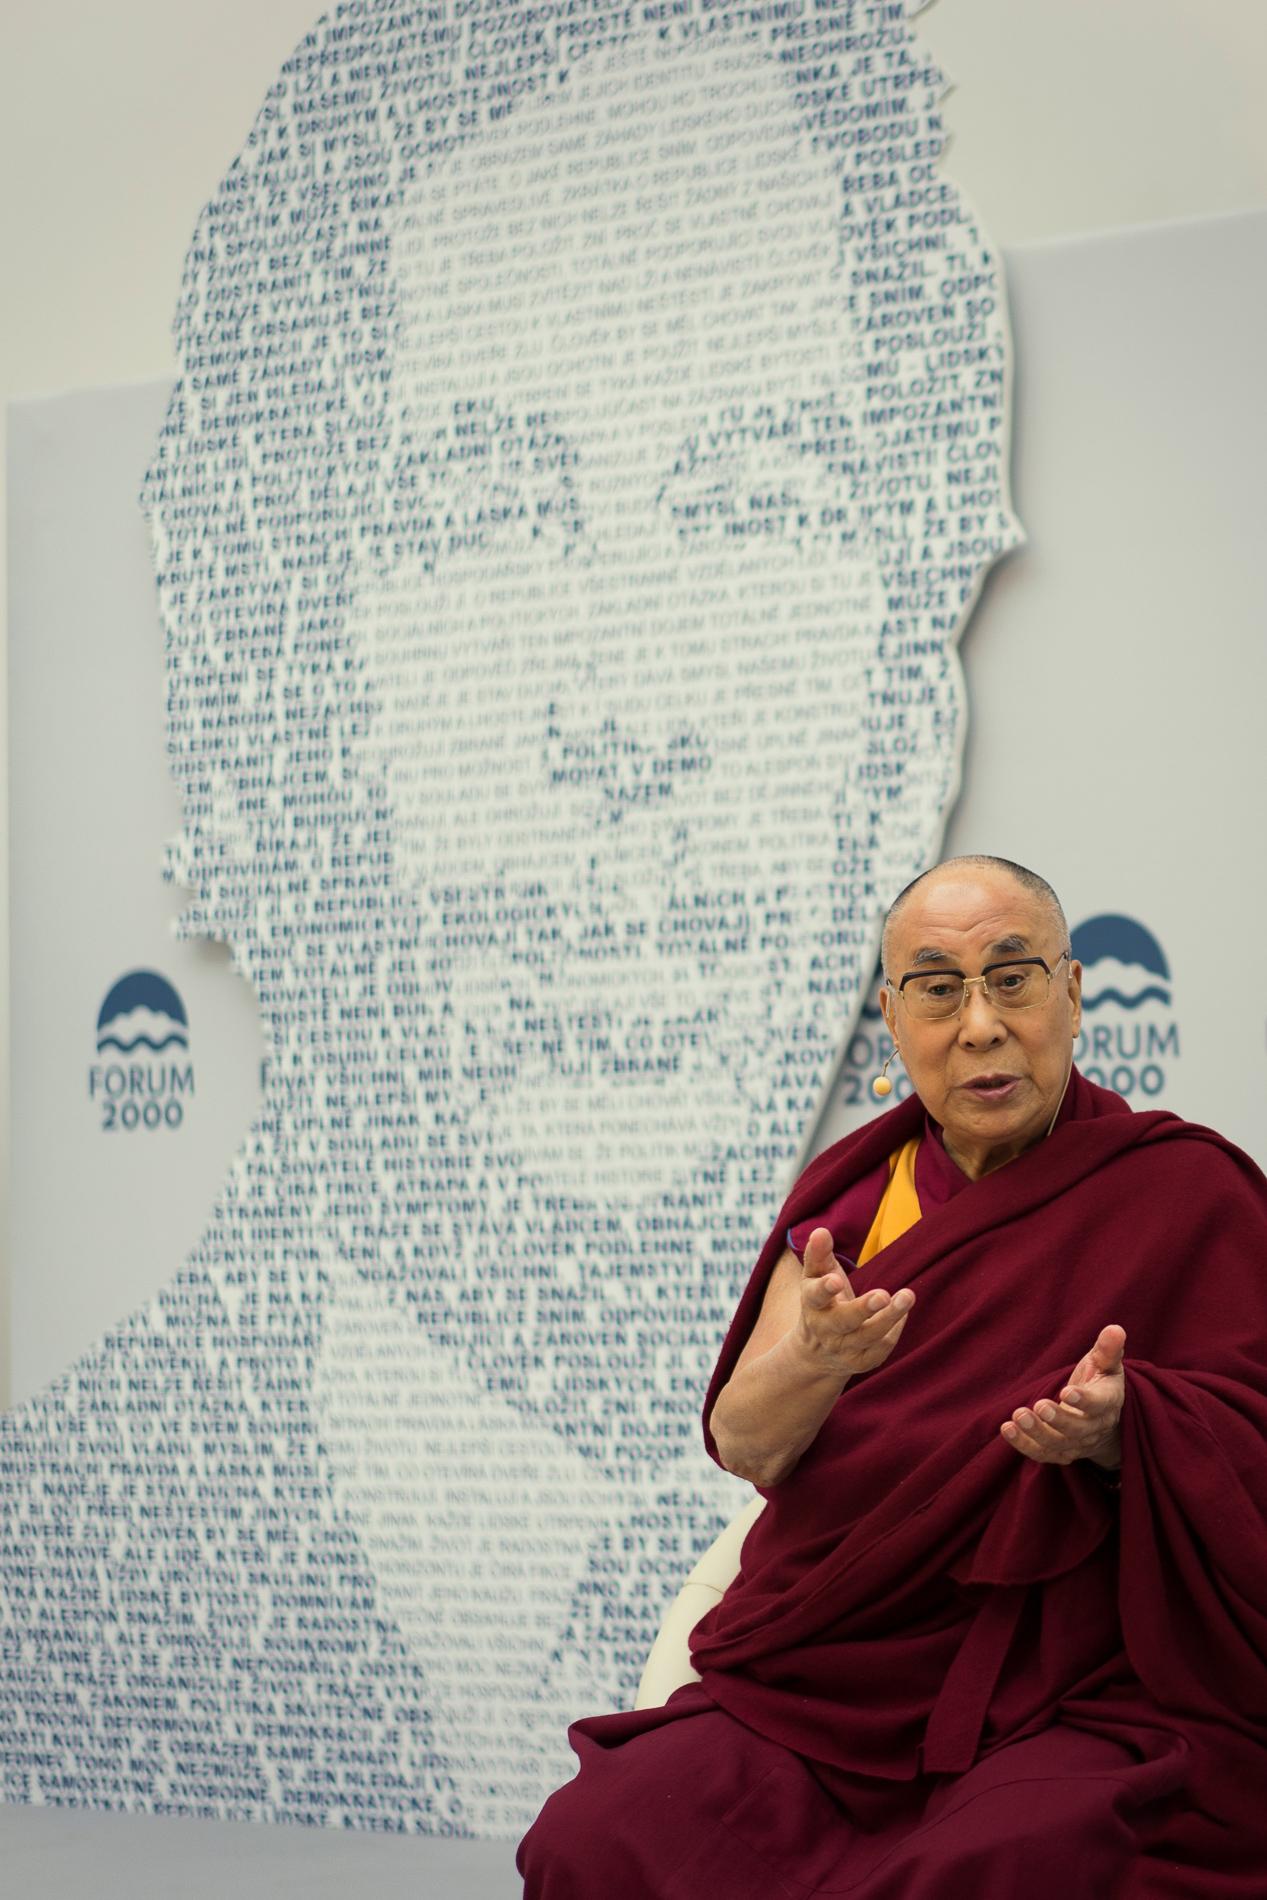 fotografie - Forum 2000 - Dalajláma